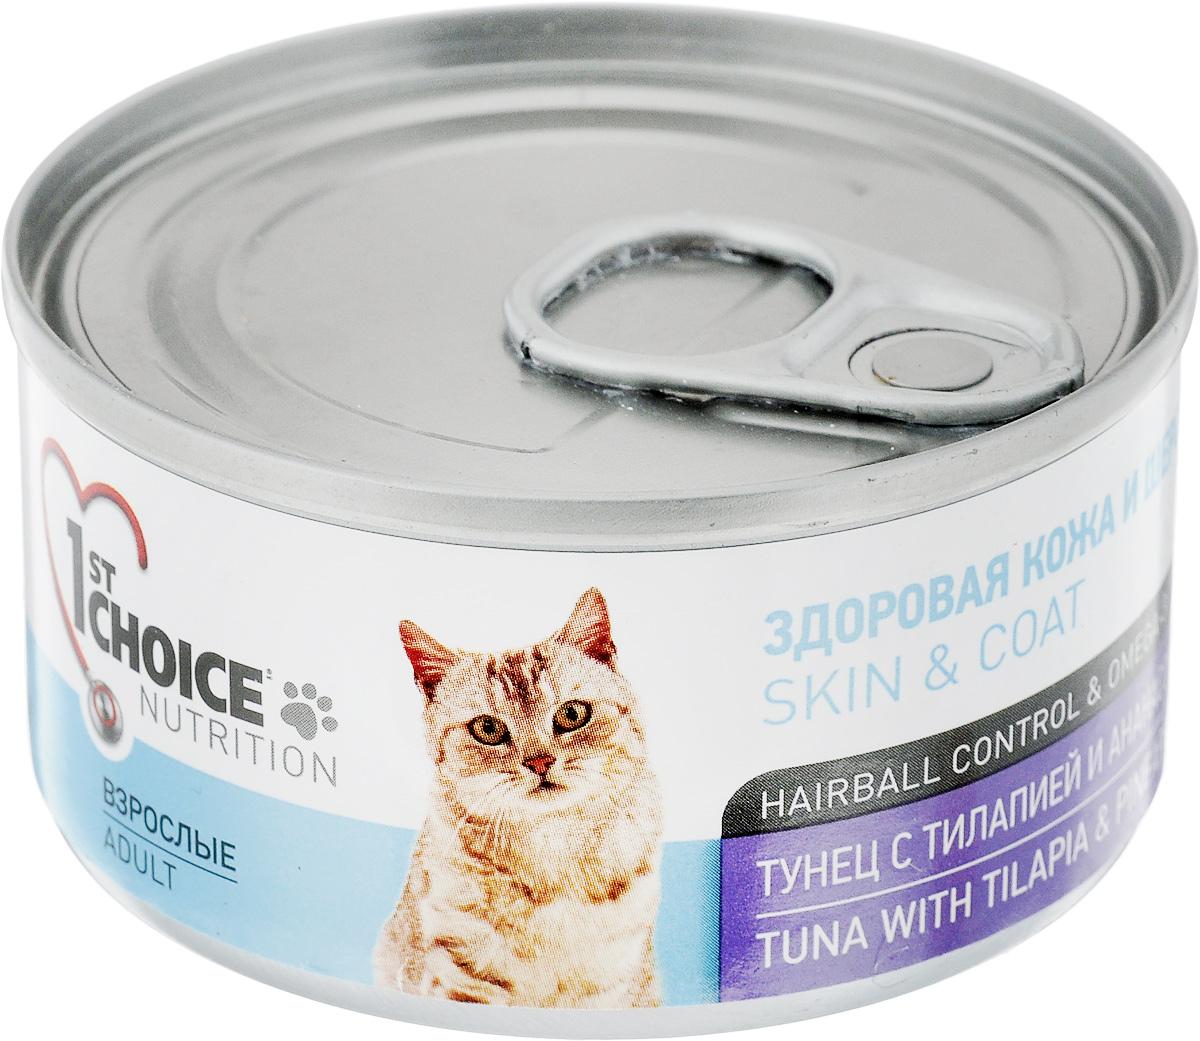 Консервы 1st Choice, для взрослых кошек, тунец с тилапией и ананасом, 85 г0120710Консервы 1st Choice является уникальным, натуральным, здоровым и функциональным дополнительным консервированным питанием для котят. Корм рекомендуется смешивать с кашами. Консервы изготовлены из высококачественного мясного сырья. Они обеспечивают здоровую и красивую шерсть, благодаря высокому содержанию Омега-3 и эффективную систему вывода шерсти и контроля образования волосяных комочков. Товар сертифицирован.